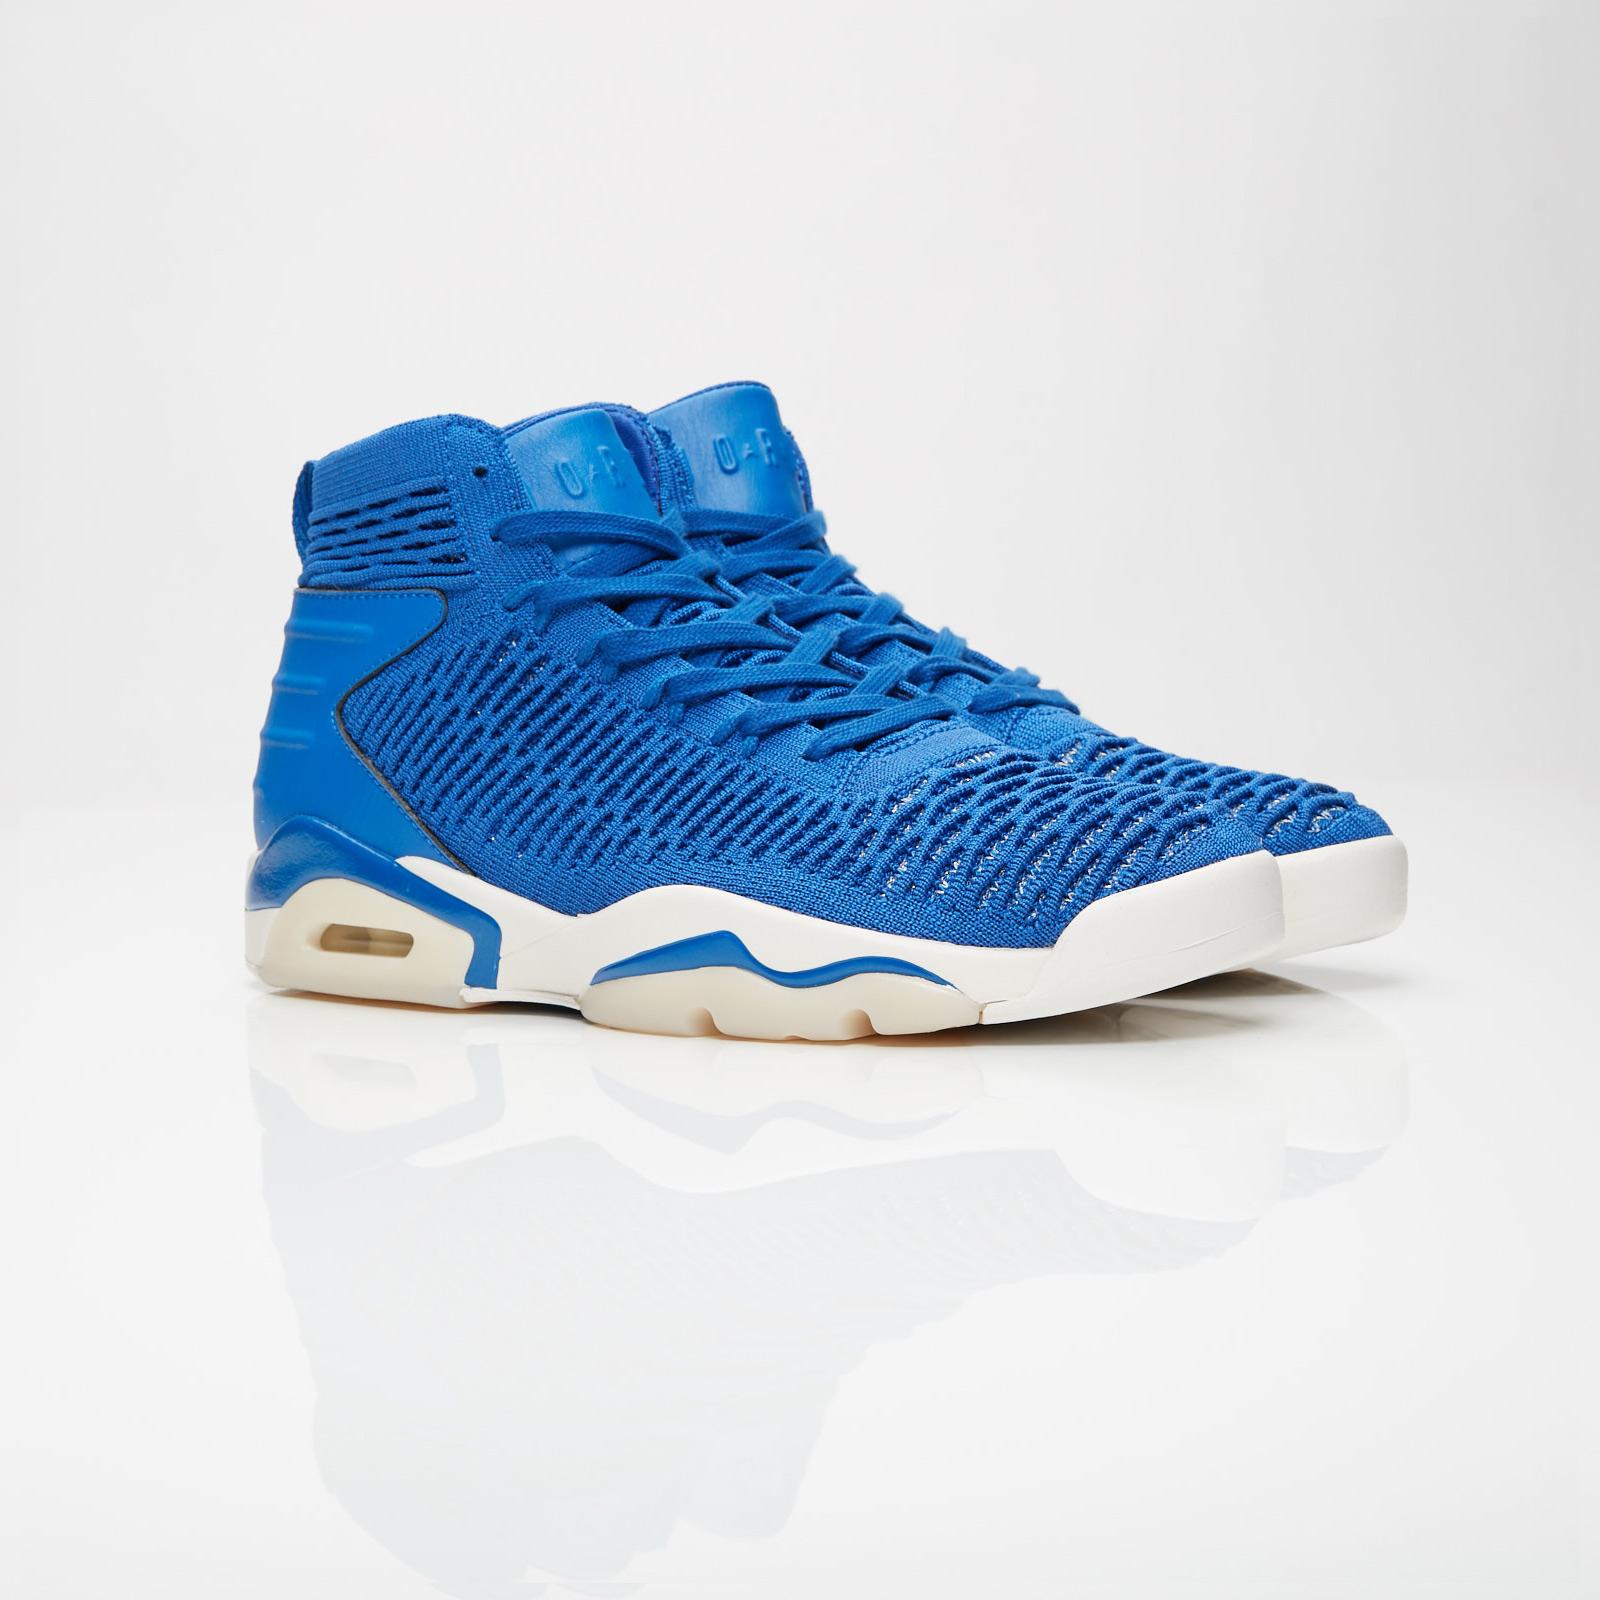 fa1402882c12c0 Jordan Brand Flyknit Elevation 23 - Aj8207-401 - Sneakersnstuff ...